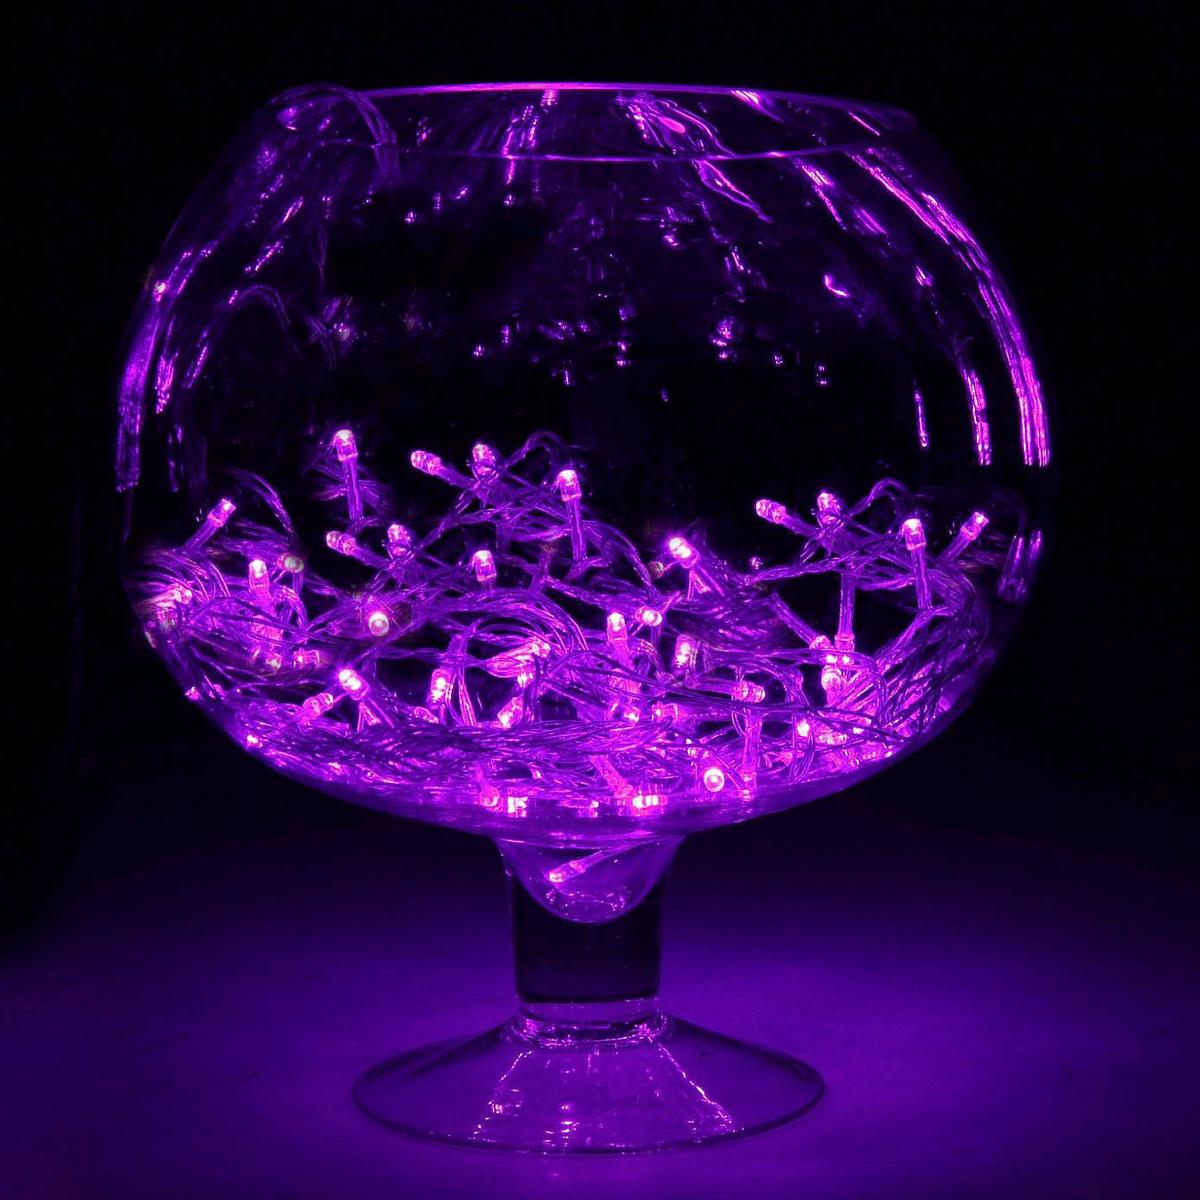 Гирлянда светодиодная Luazon Метраж, 8 режимов, 100 ламп, 220 V, 9 м, цвет: фиолетовый. 187162187162Светодиодные гирлянды, ленты и т.д. — это отличный вариант для новогоднего оформления интерьера или фасада. С их помощью помещение любого размера можно превратить в праздничный зал, а внешние элементы зданий, украшенные ими, мгновенно станут напоминать очертания сказочного дворца. Такие украшения создают ауру предвкушения чуда. Деревья, фасады, витрины, окна и арки будто специально созданы, чтобы вы украсили их светящимися нитями.